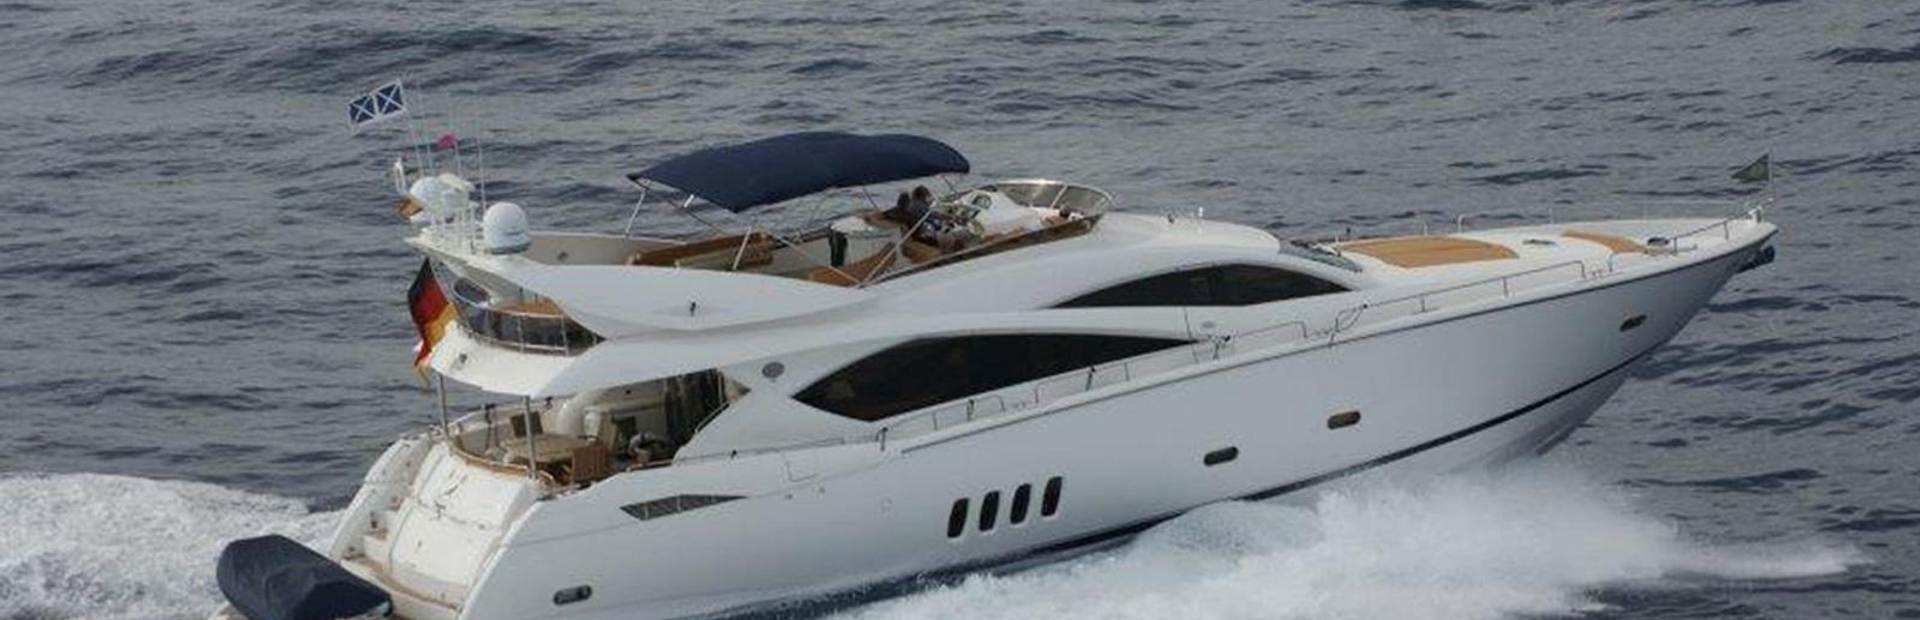 82 Yacht Yacht Charter